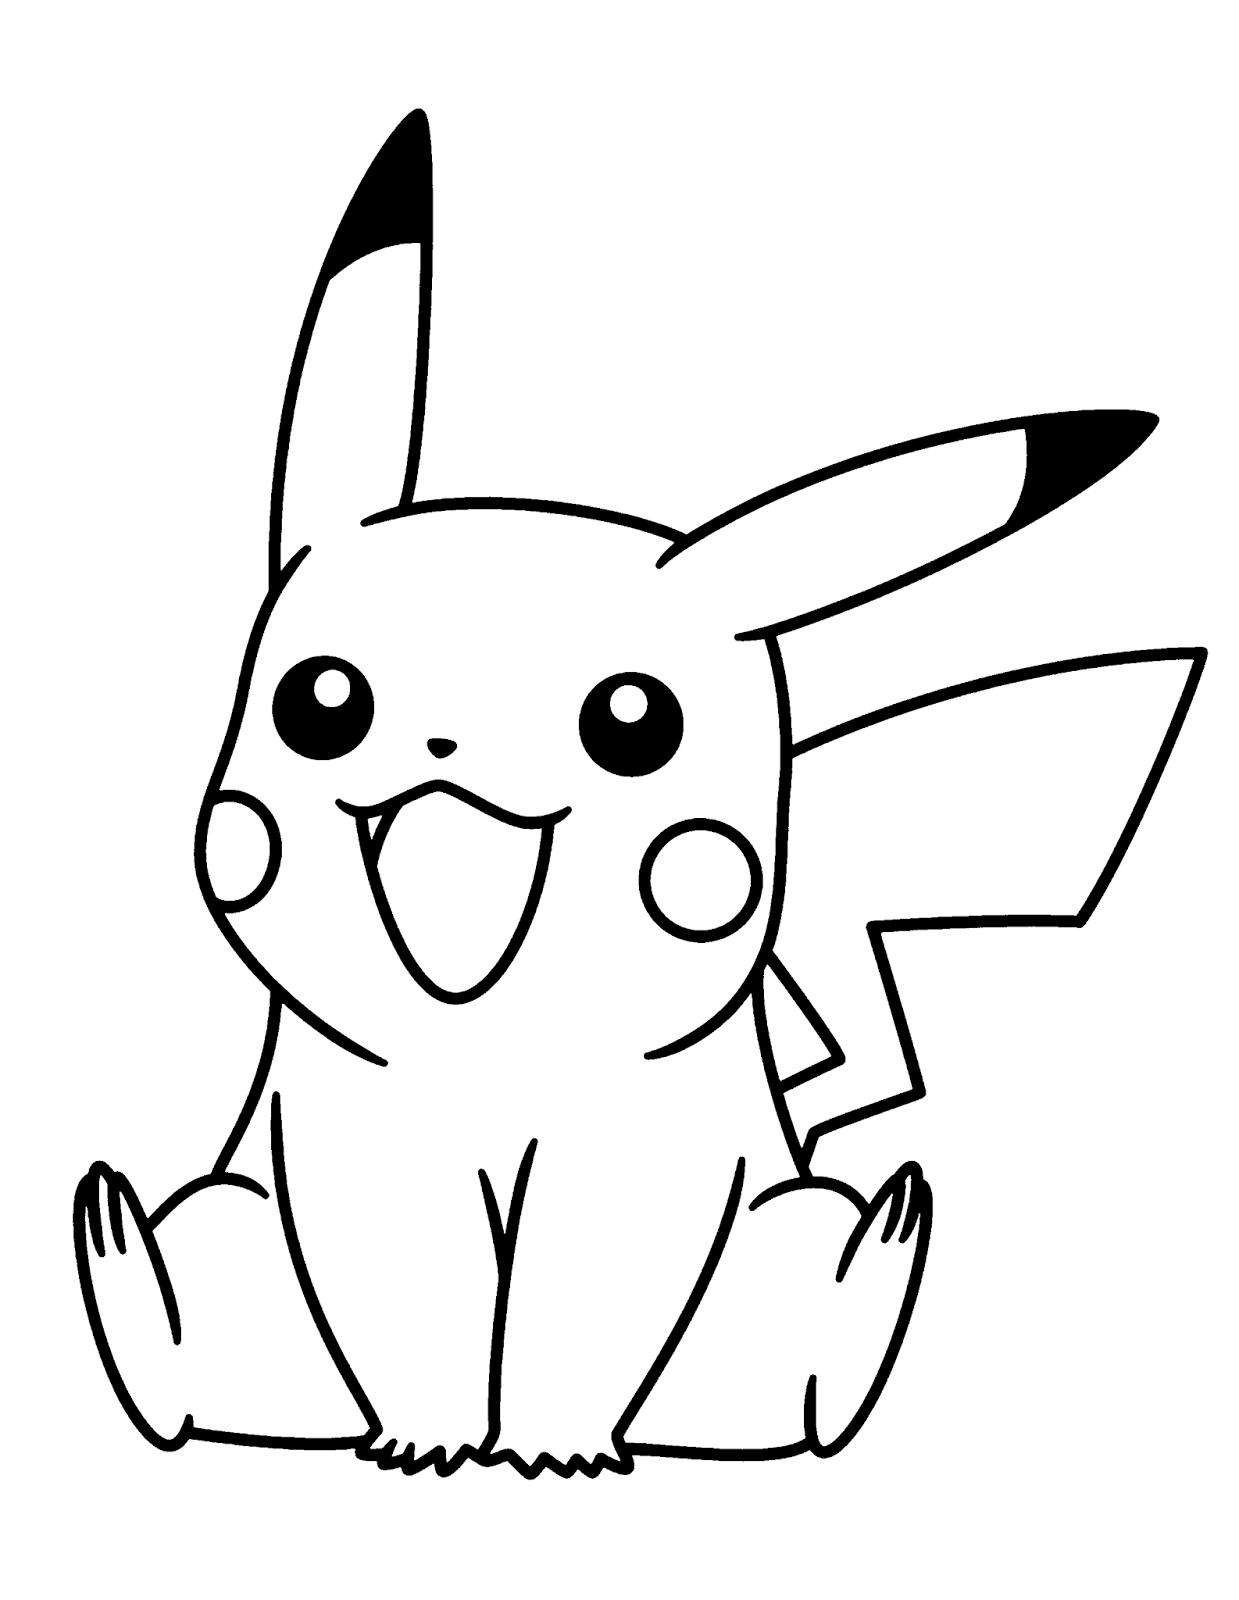 pokemon printable colouring pages pokemon coloring pages download pokemon images and print pokemon colouring printable pages